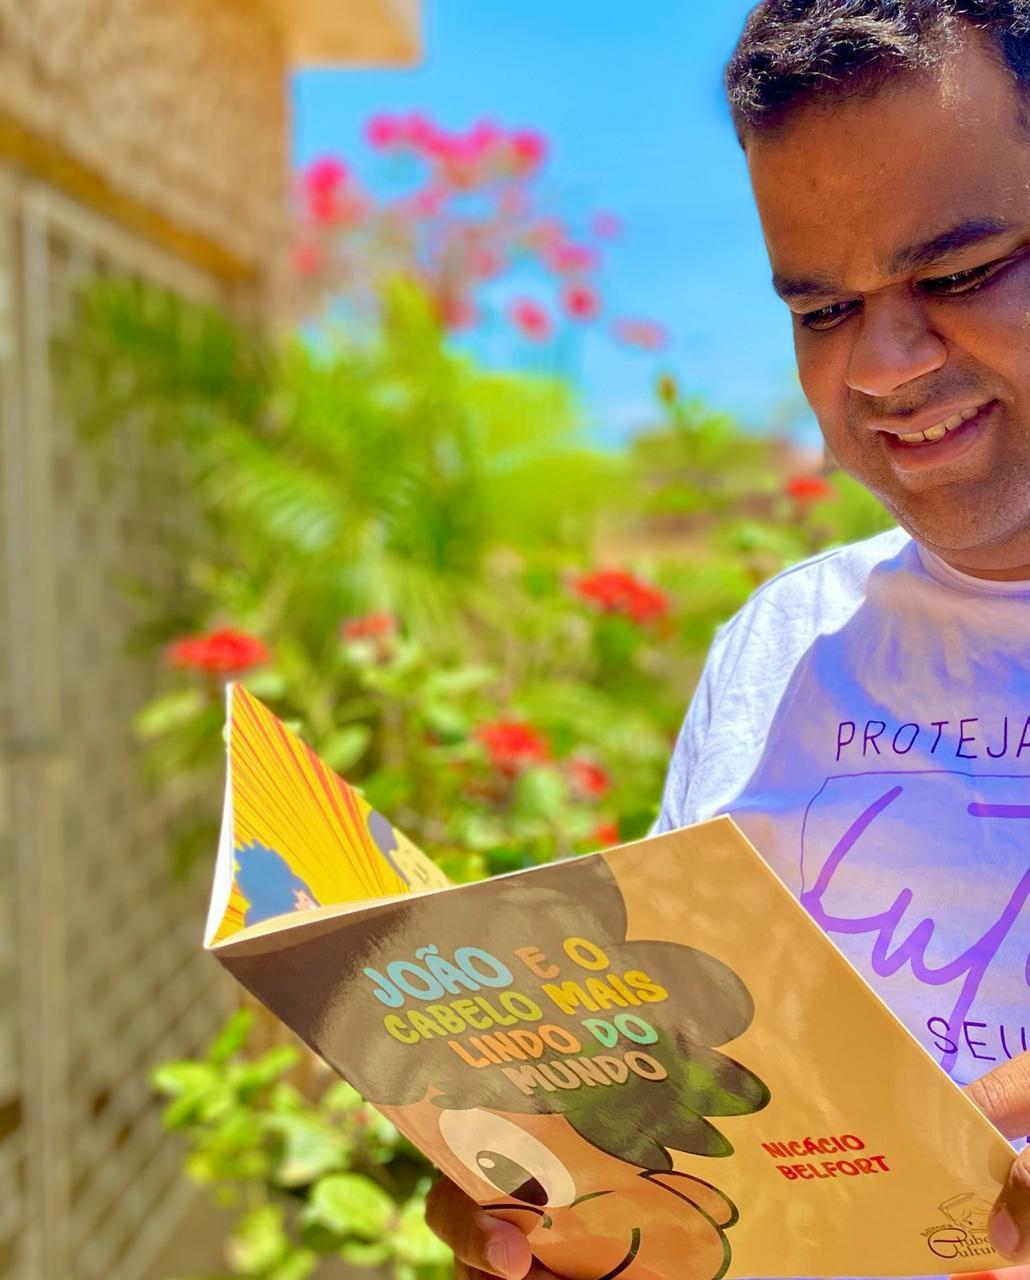 Após sofrer preconceitos na infância, nordestino lança livro para elevar autoestima de crianças com cabelo crespo 4